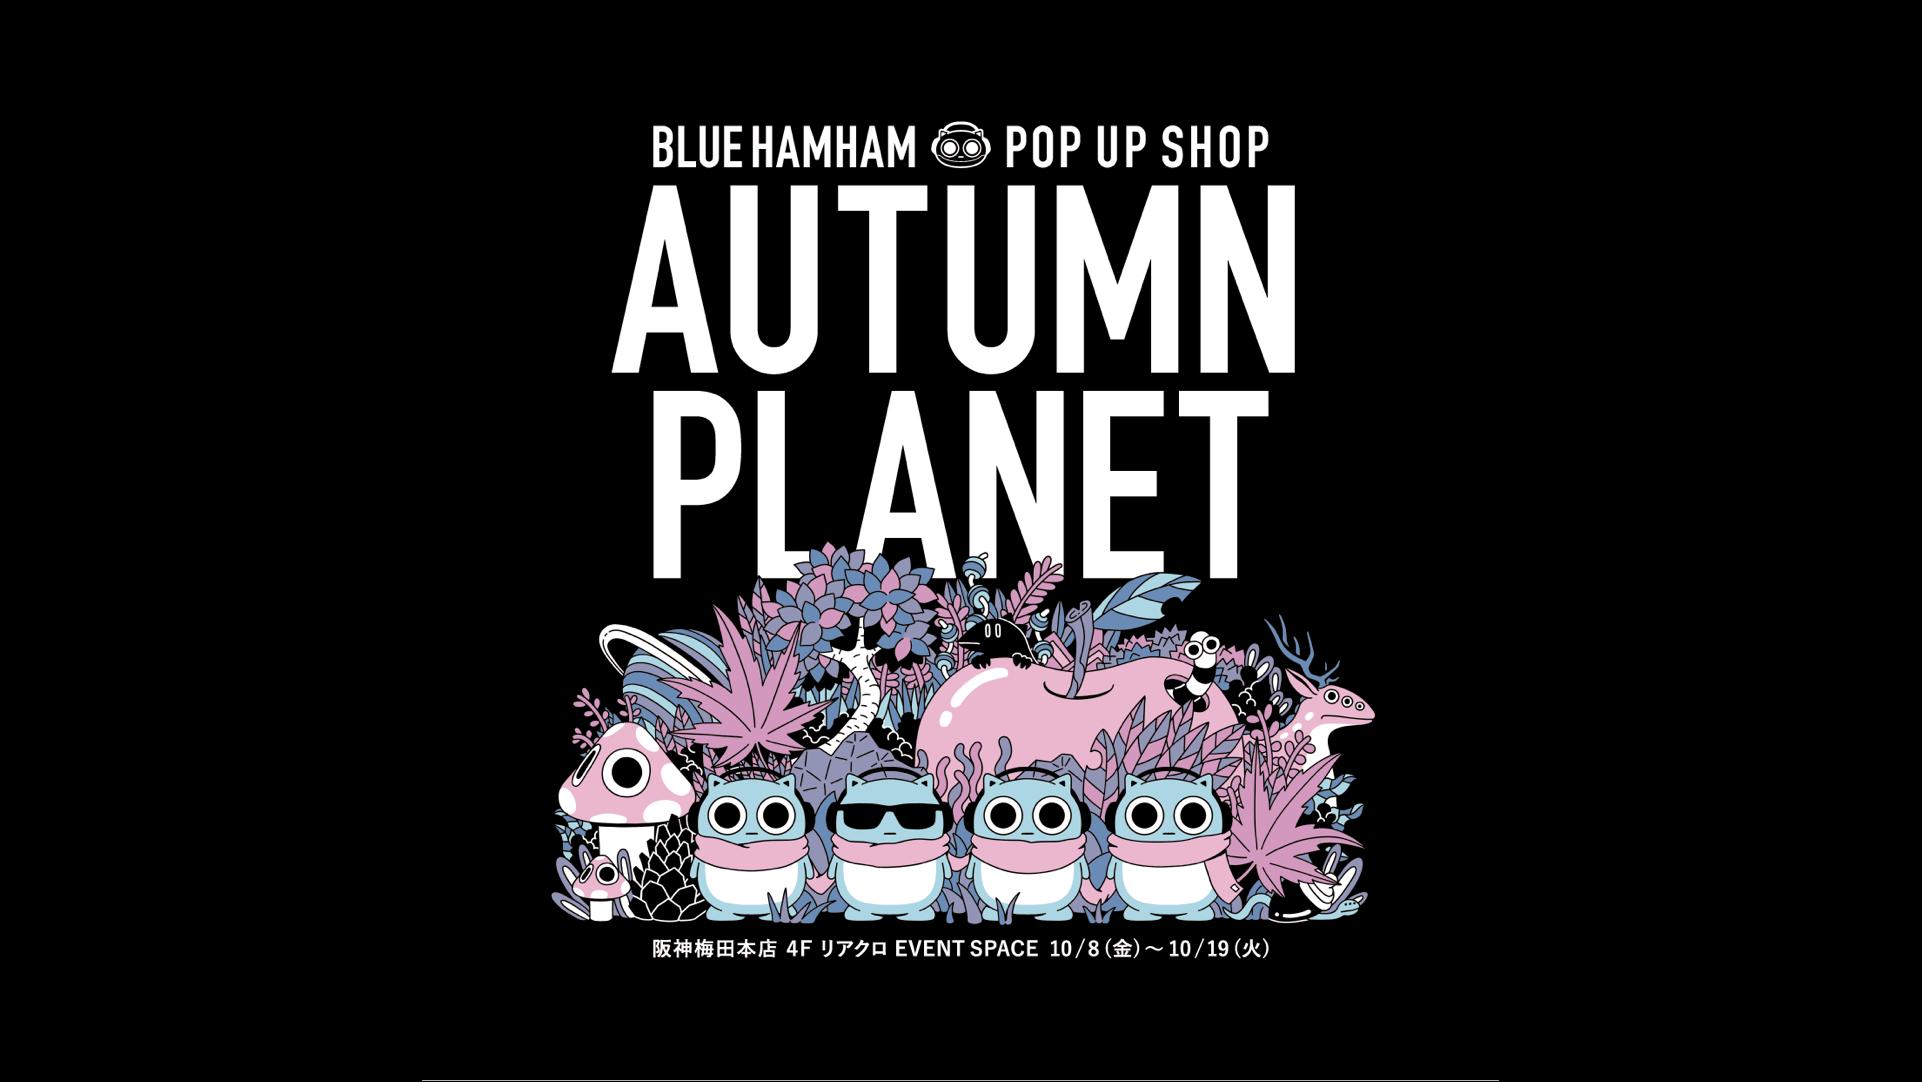 ブルーハムハム AUTUMN PLANET -BLUE HAMHAM POP UP SHOP-1